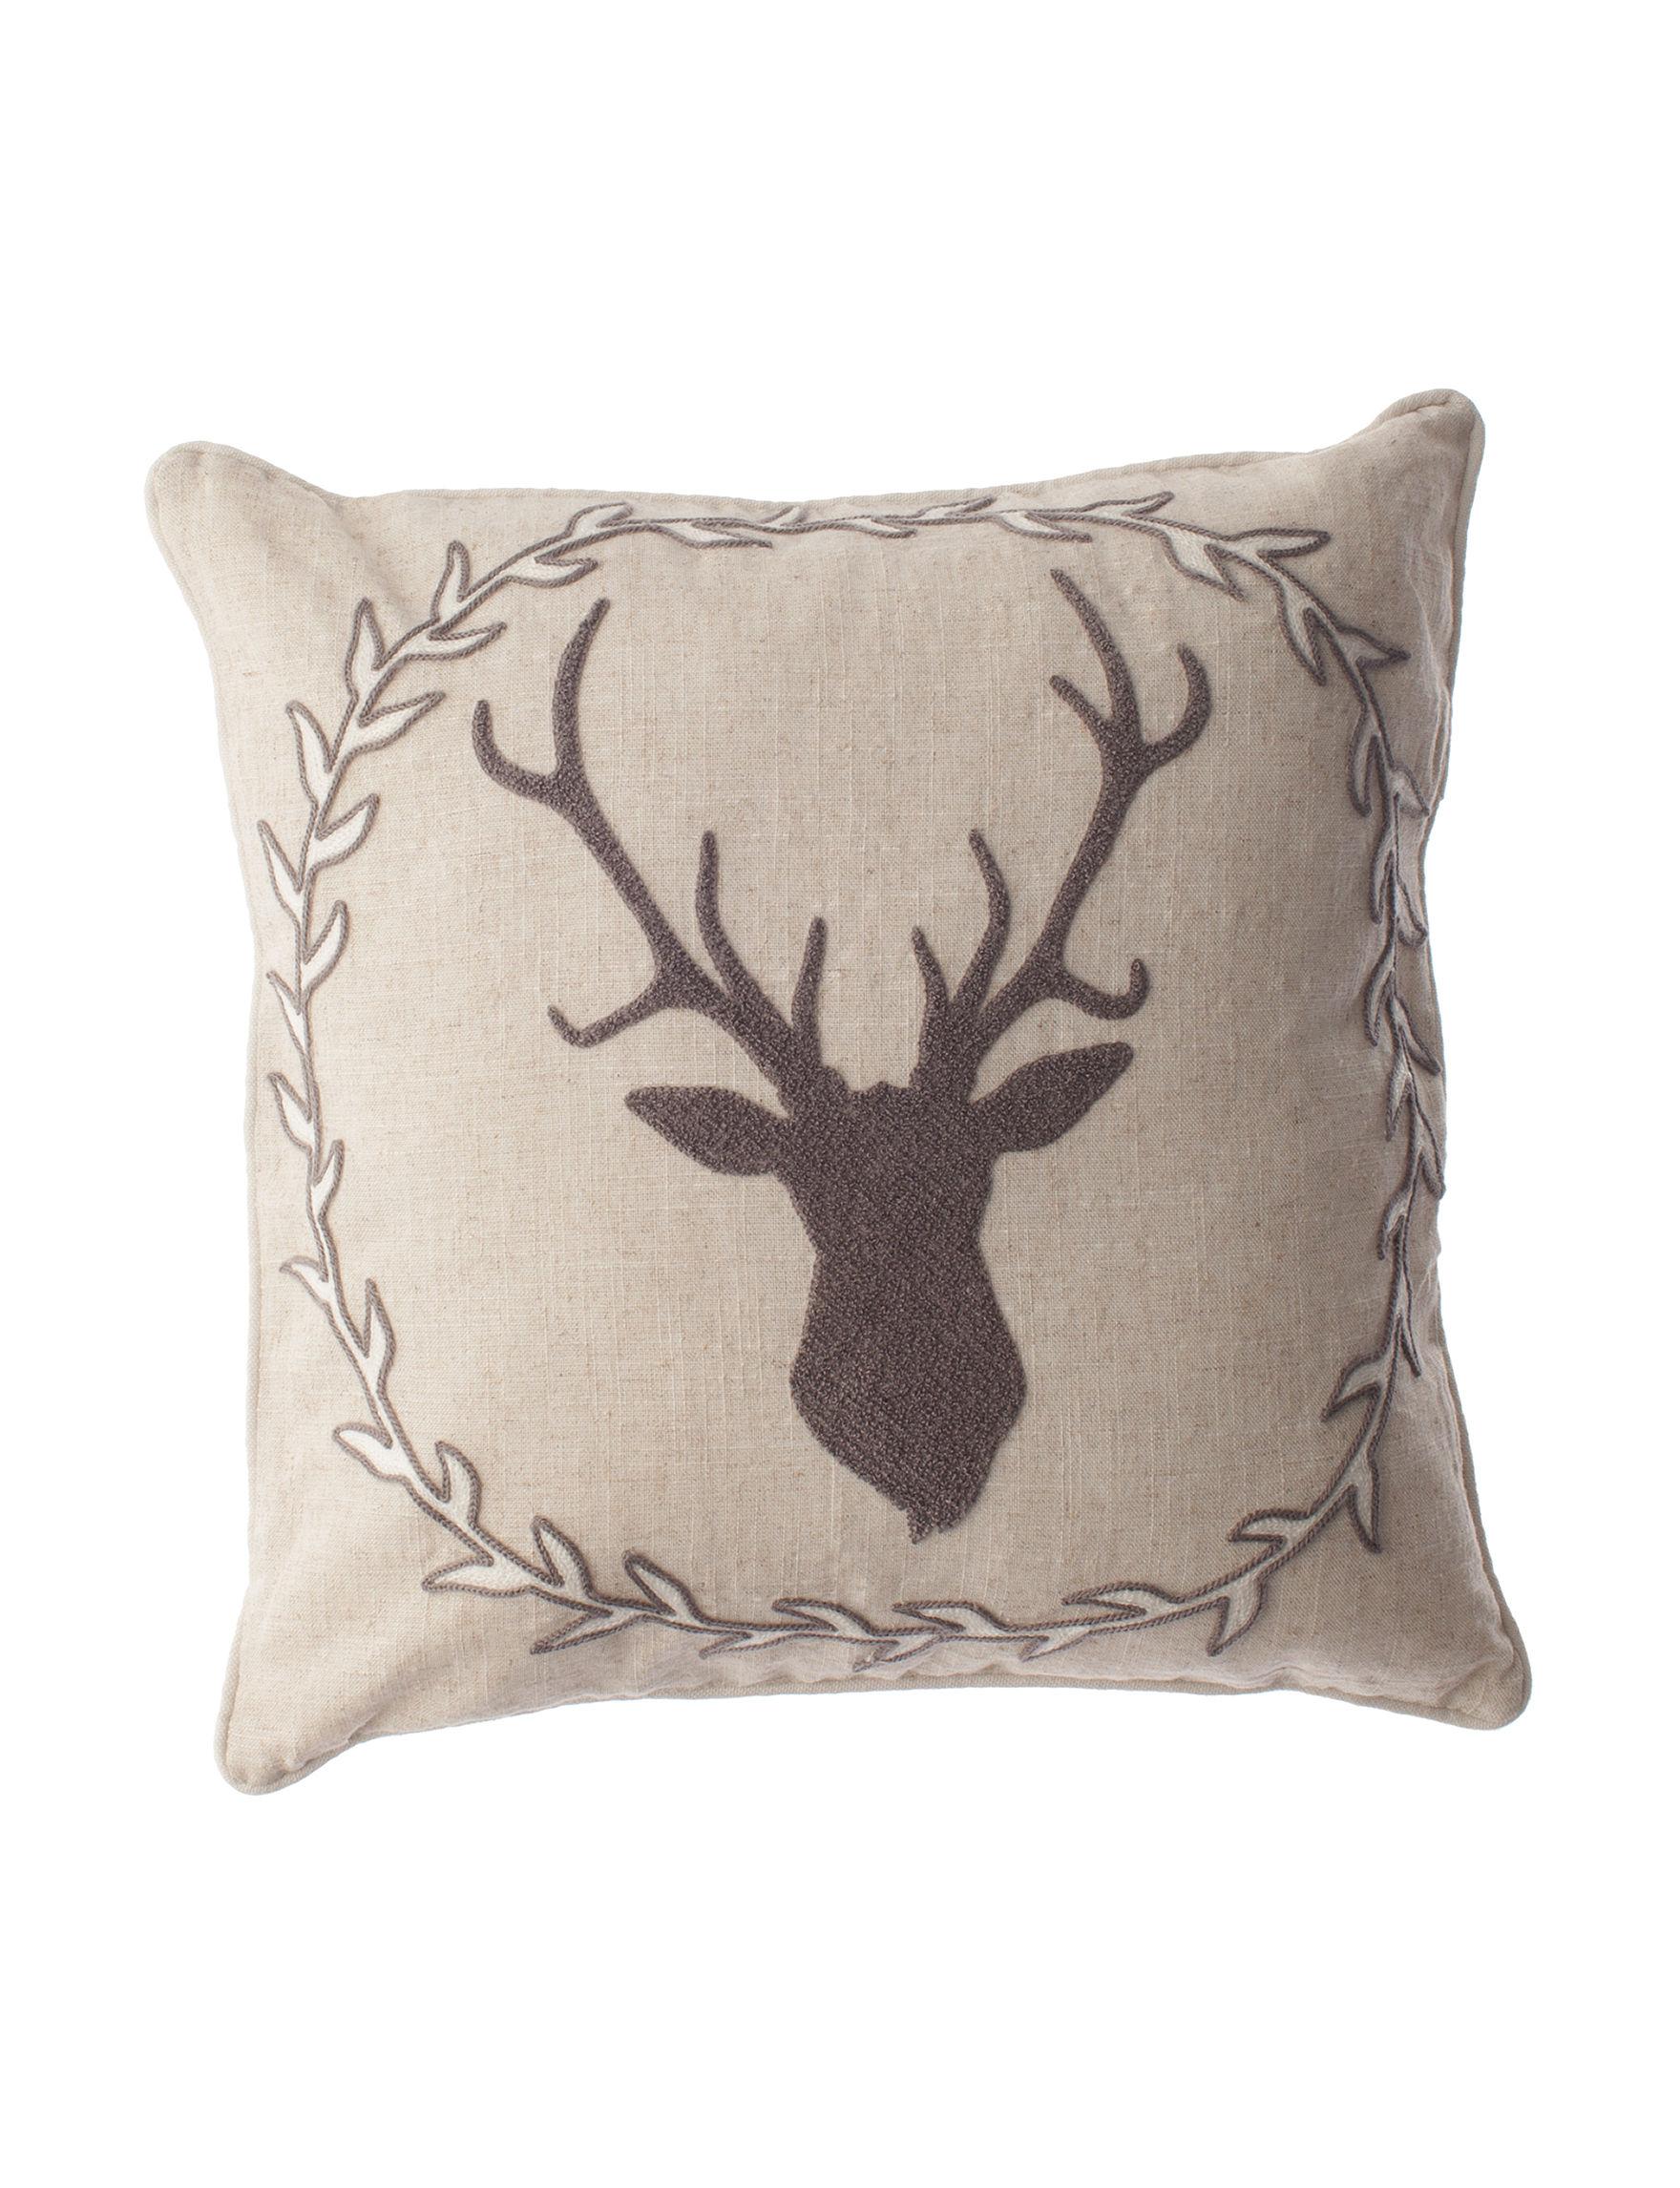 Enchante Grey Decorative Pillows